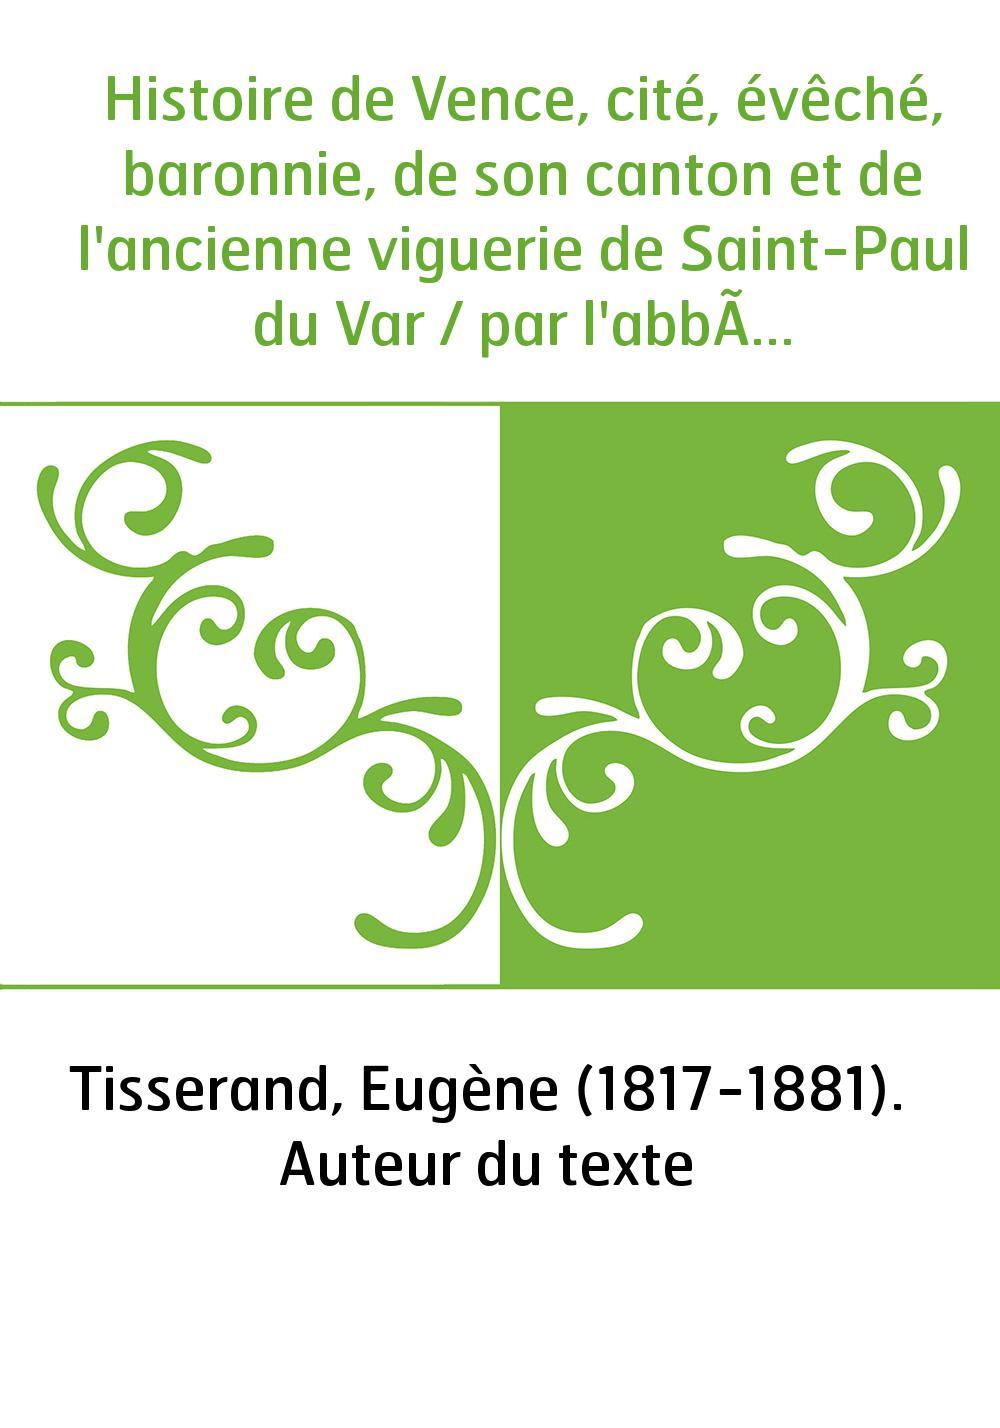 Histoire de Vence, cité, évêché, baronnie, de son canton et de l'ancienne viguerie de Saint-Paul du Var / par l'abbé E. Tisseran